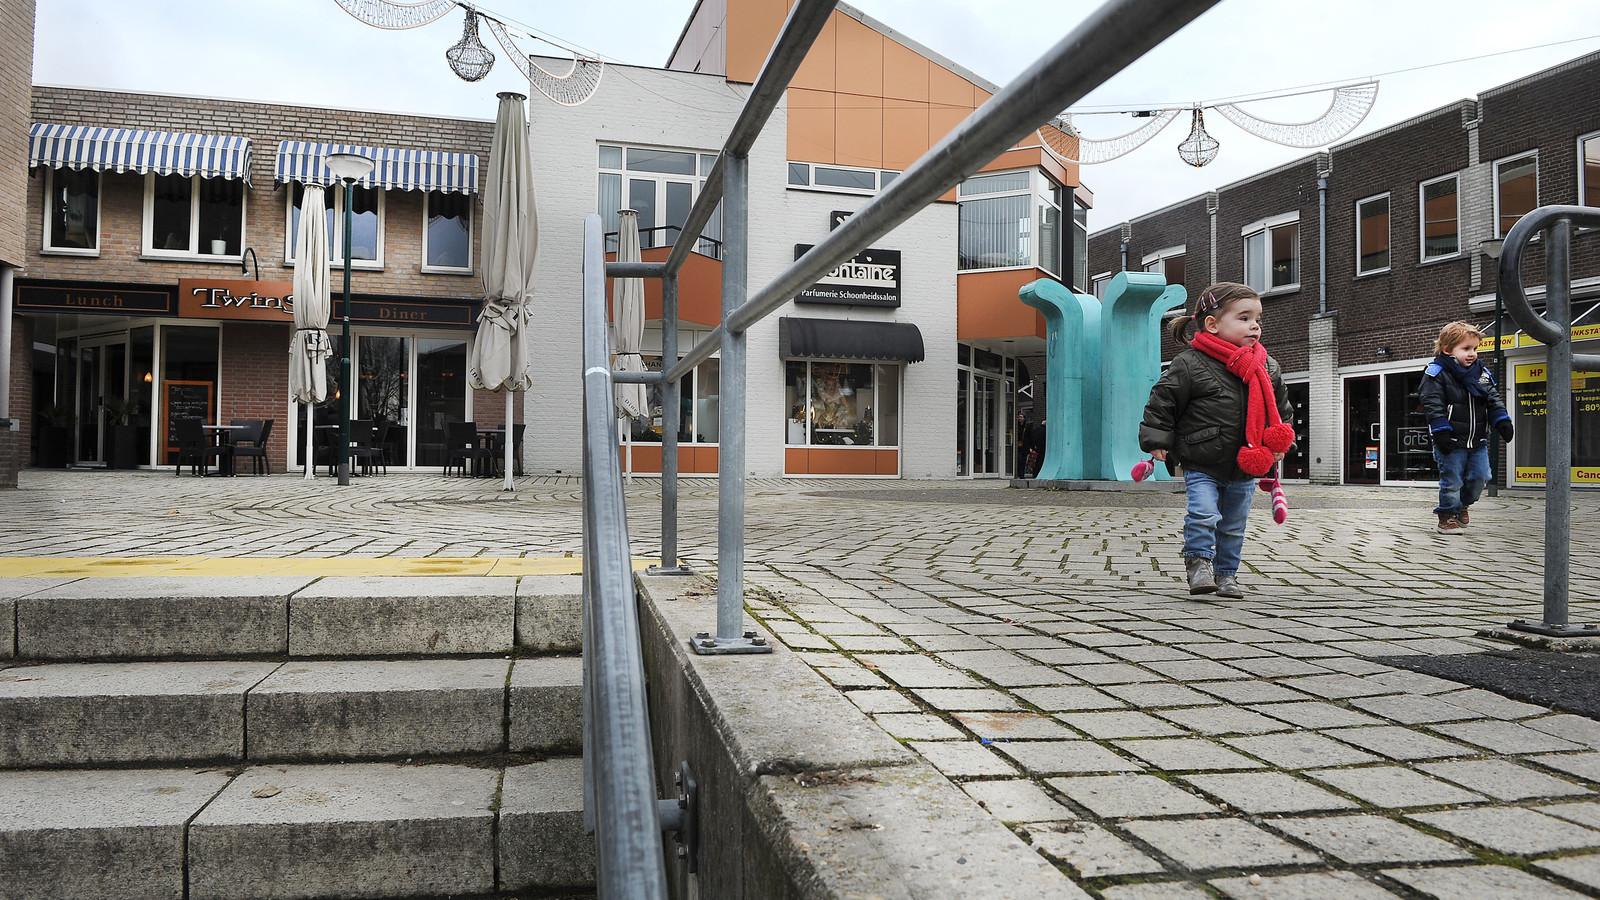 De hoogkoorpassage in Boxmeer. De kinderen op de foto hebben niets te maken met de inbraak. Het is niet bekend waar er precies is ingebroken.